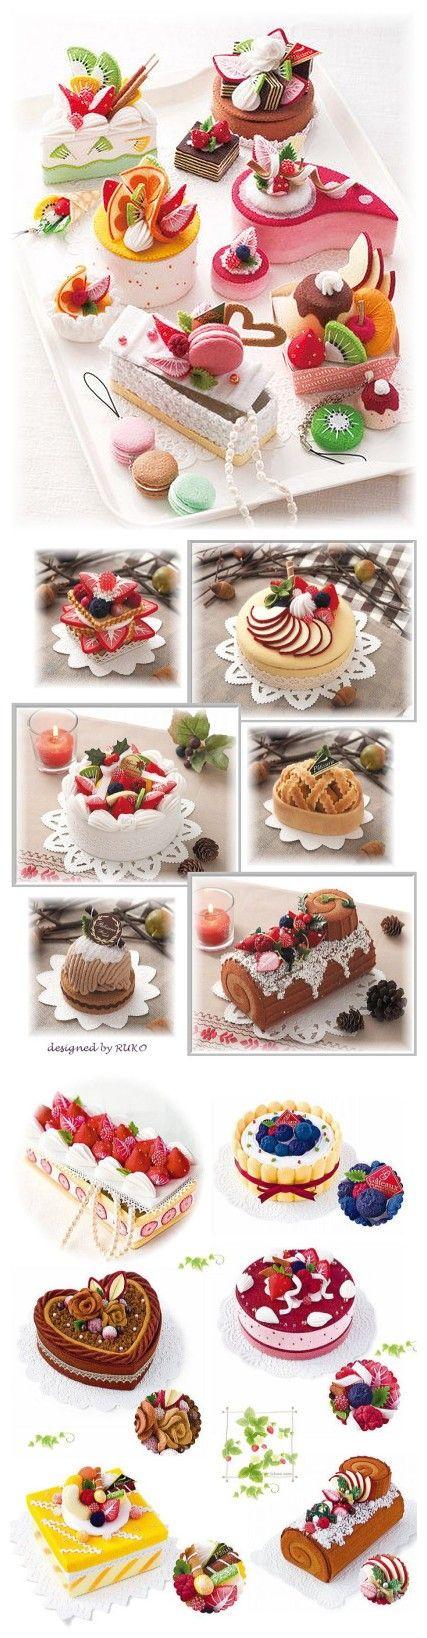 美味的不织布蛋糕 I